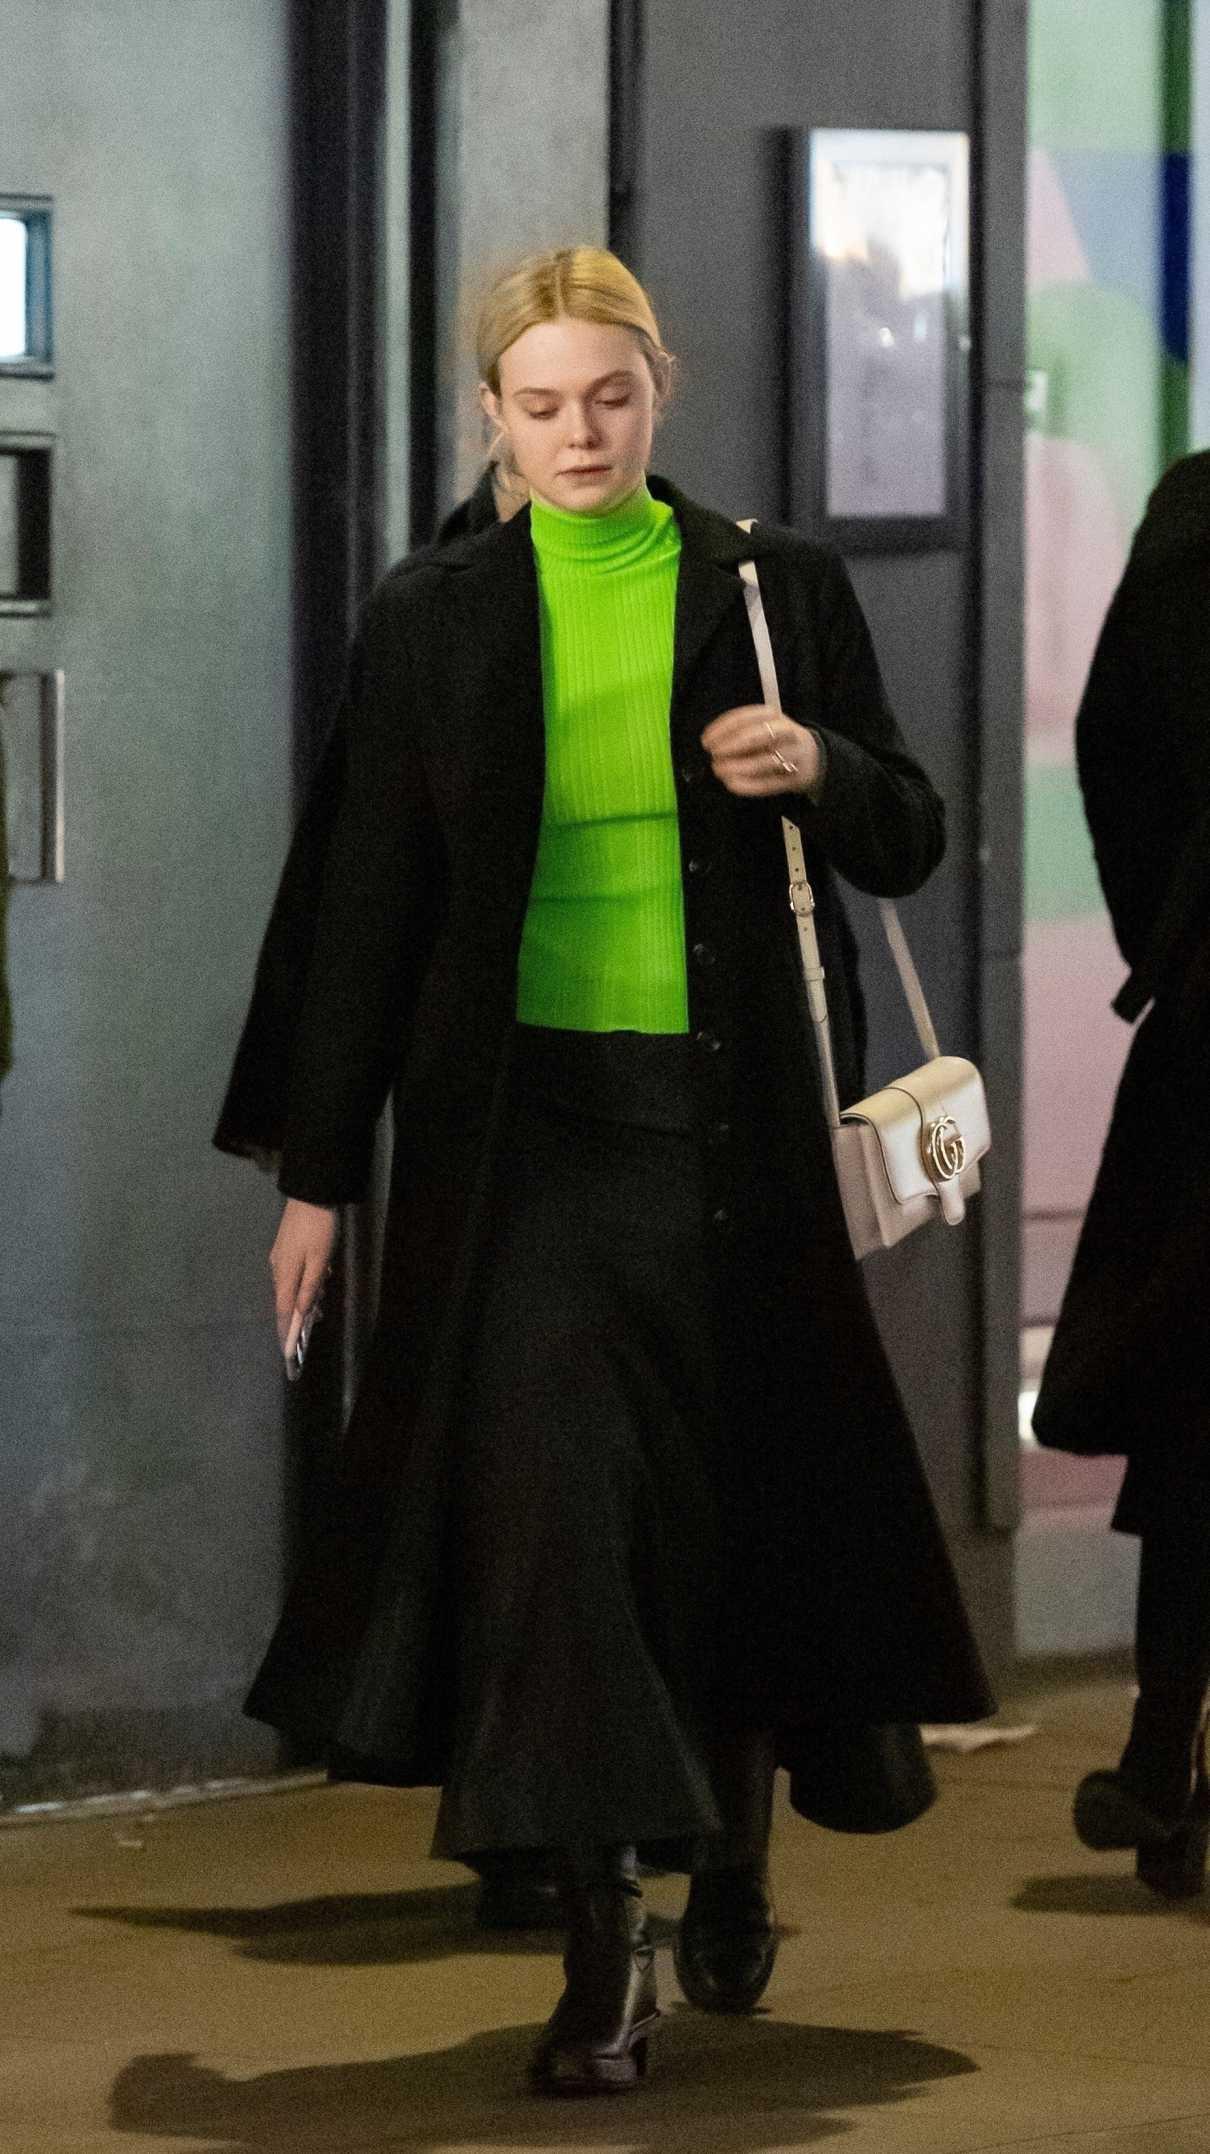 Dakota Fanning in a Neon Green Turtleneck